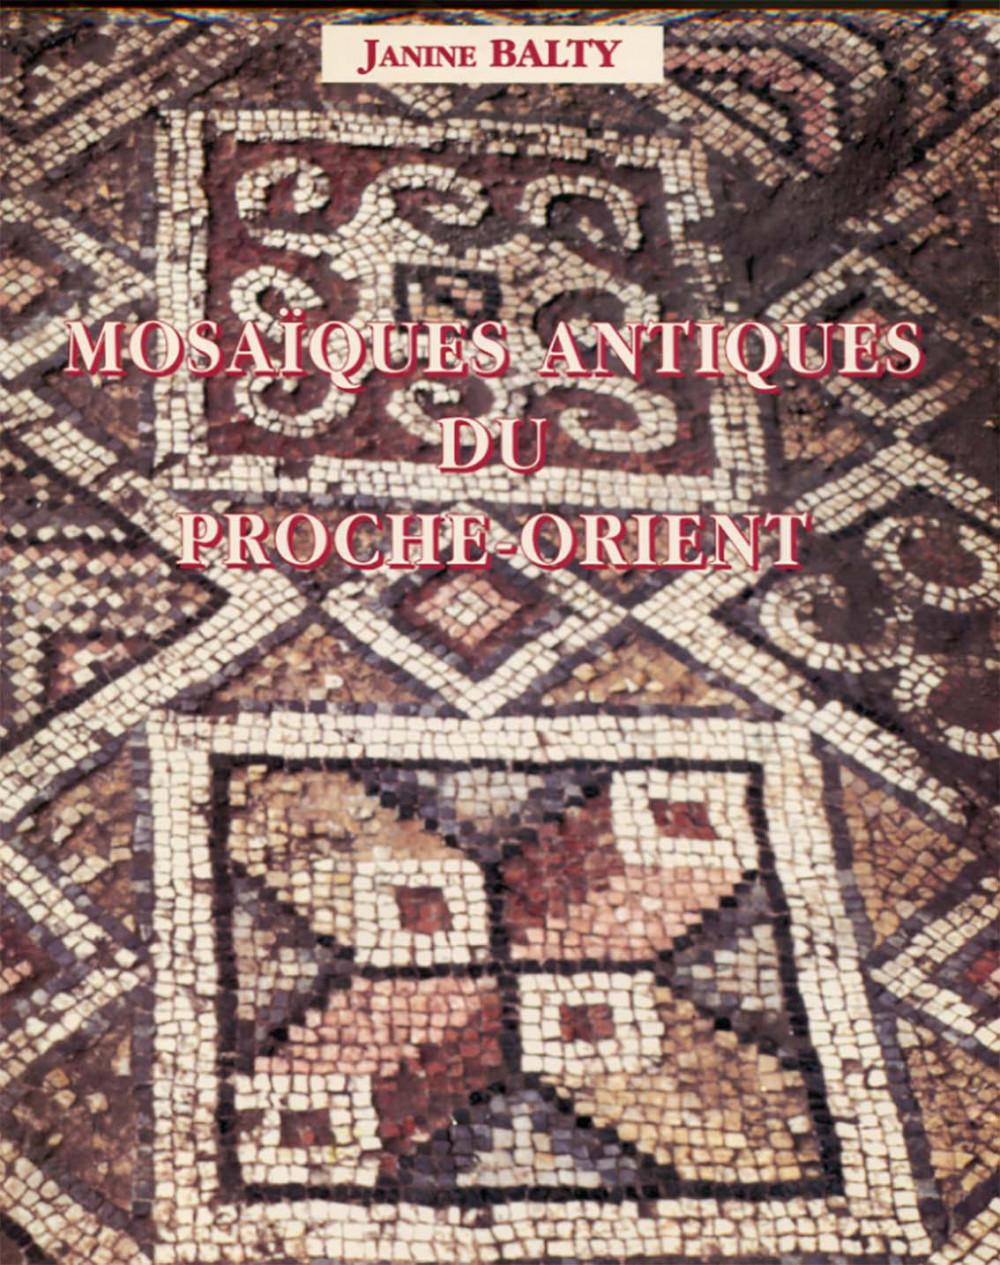 Mosaïques antiques du Proche-Orient